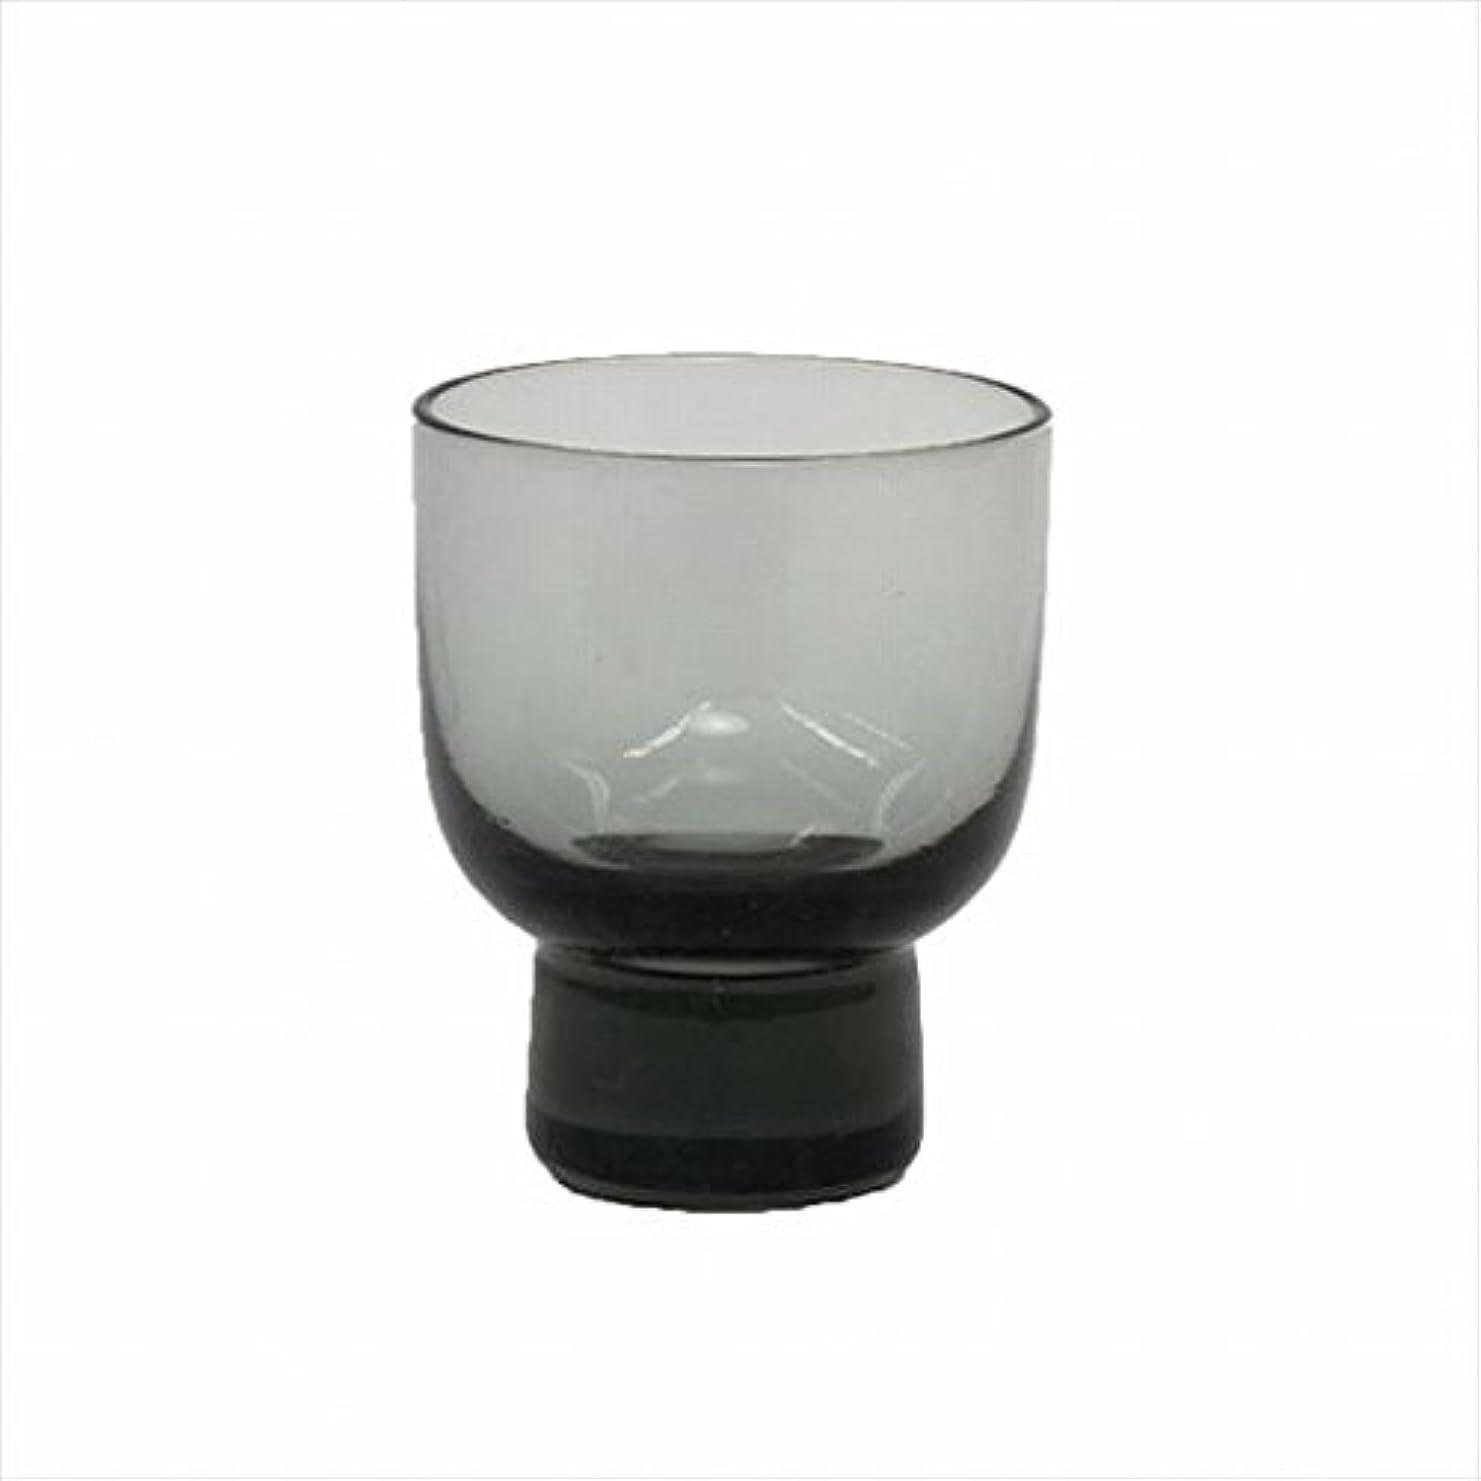 小人ミサイル中絶カメヤマキャンドル(kameyama candle) ロキカップ 「 スモーク 」